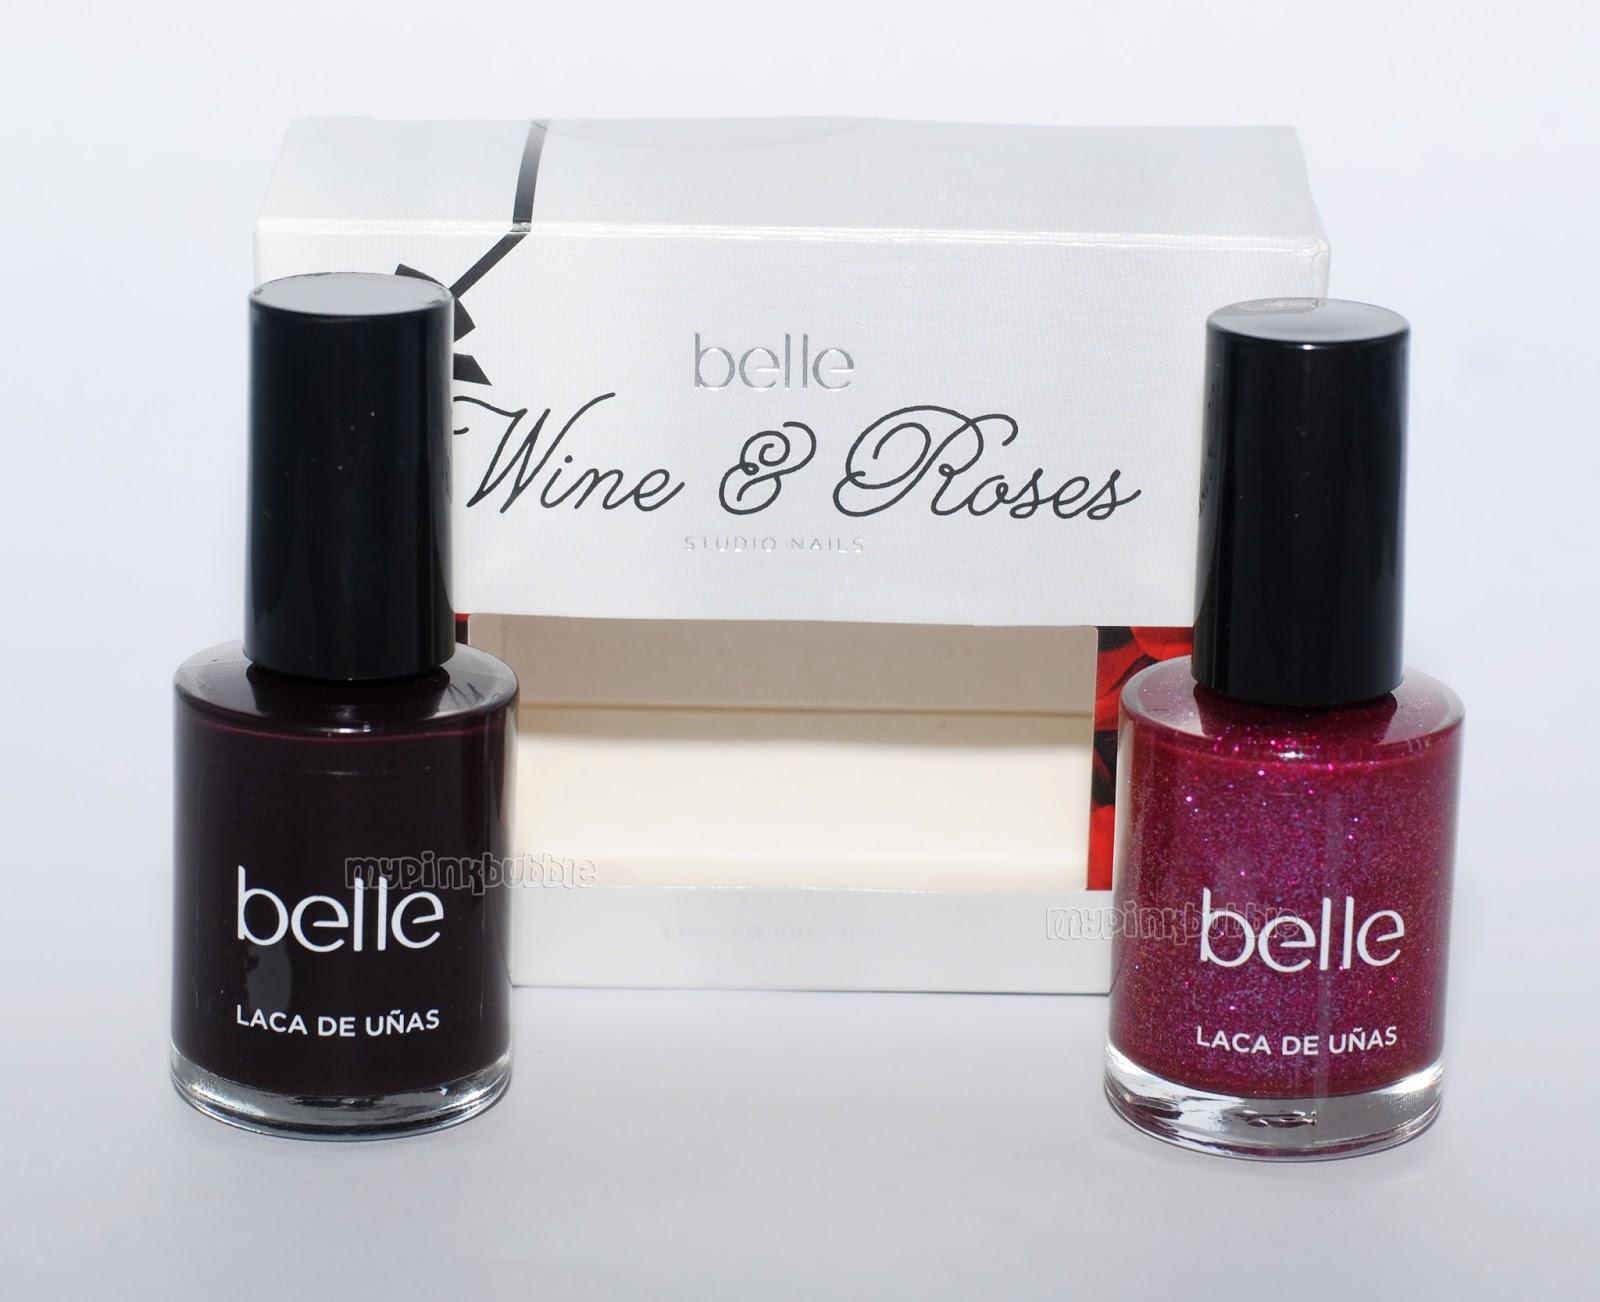 Belle Wine & roses esmaltes